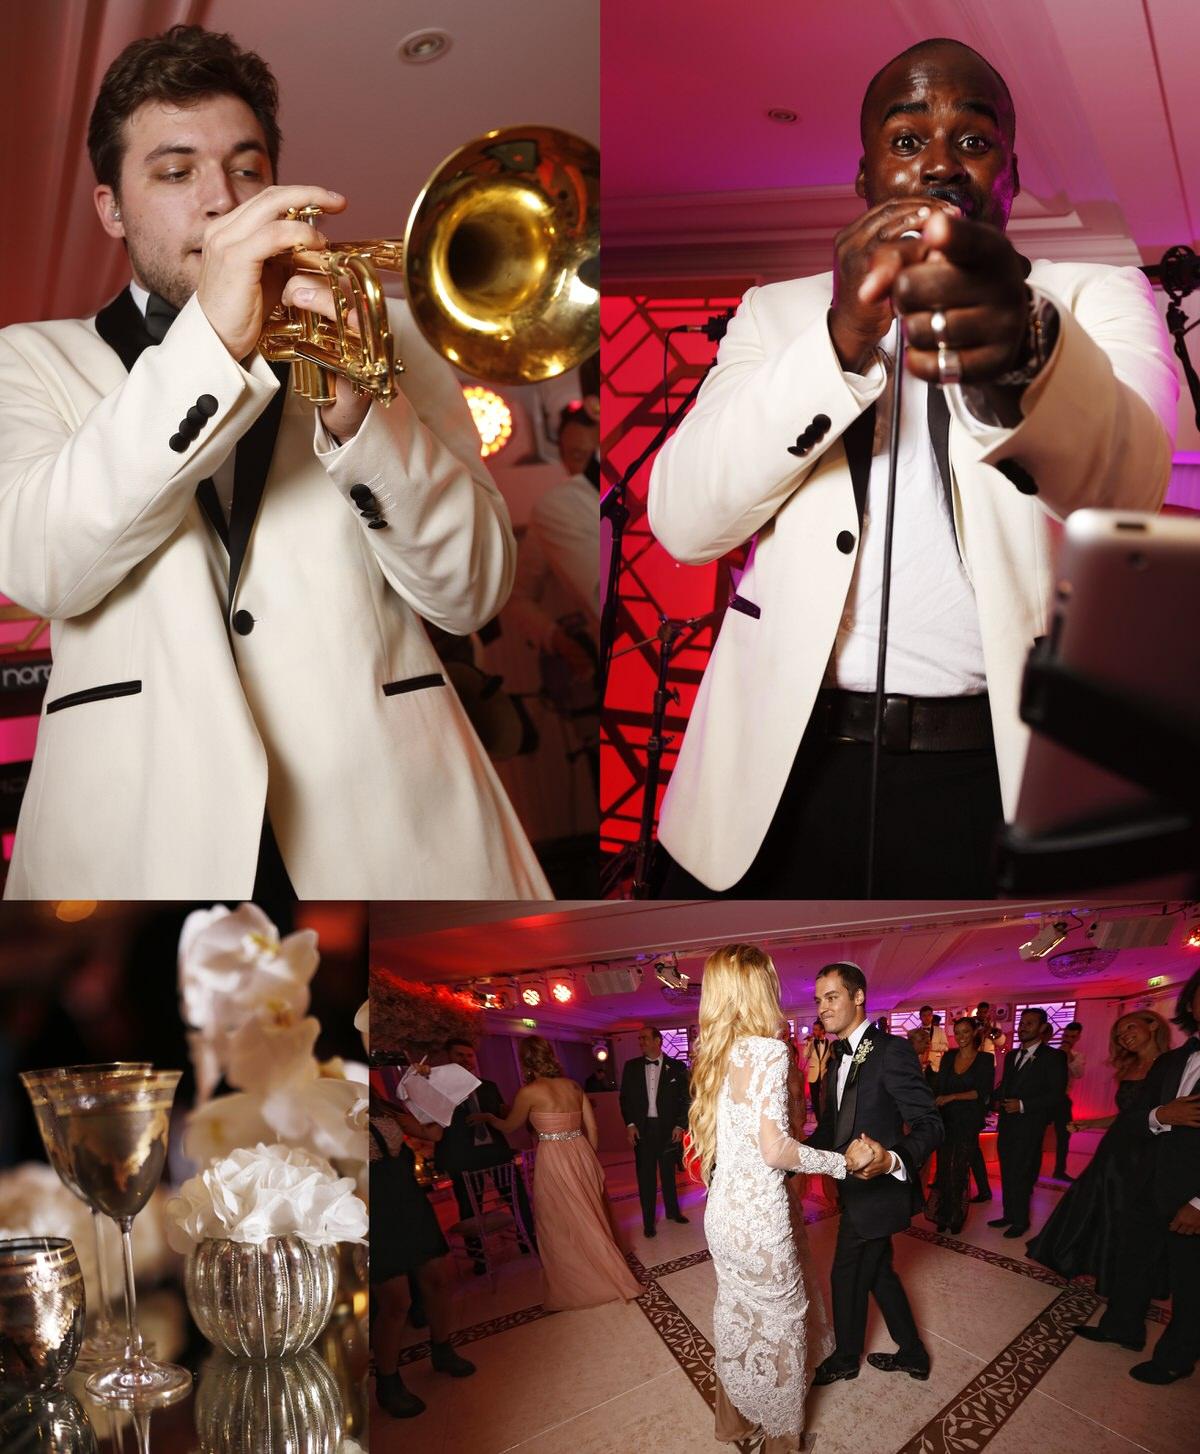 french-wedding-wedding-in-france-destination-wedding-photographer_0024.jpg